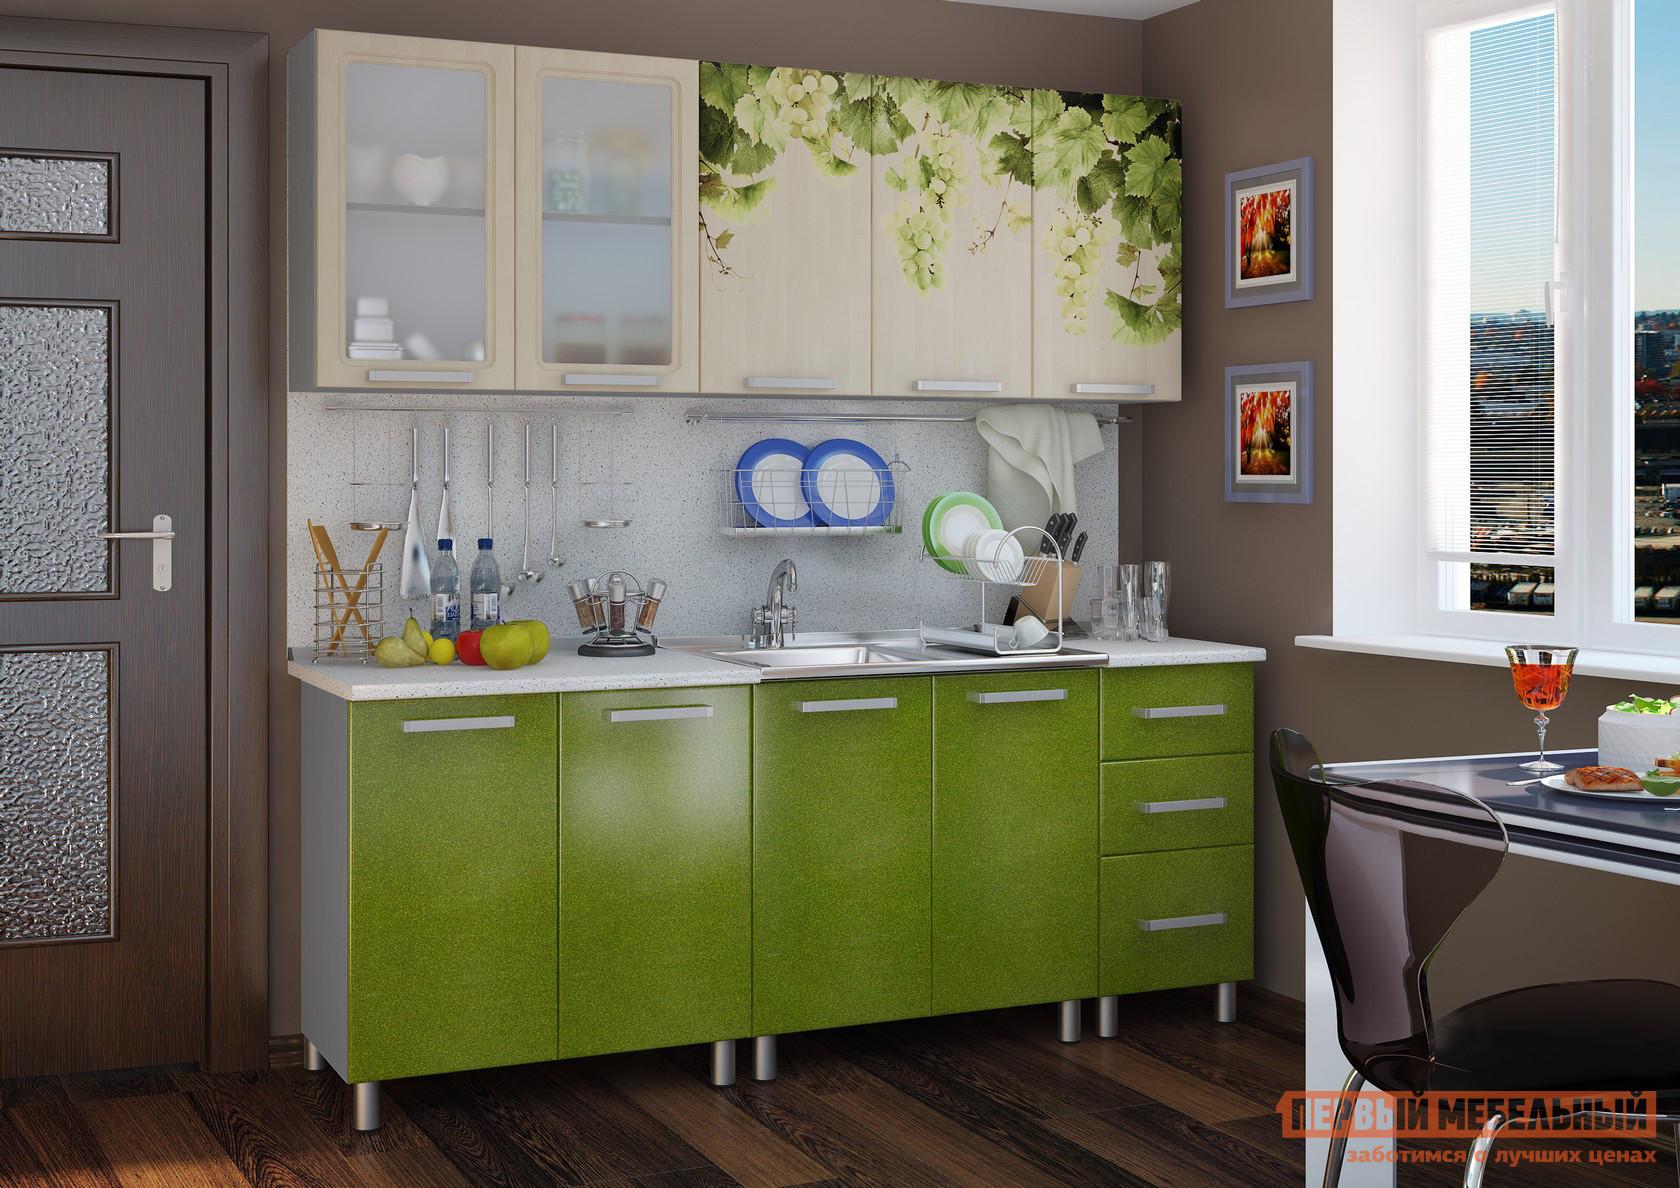 Кухонный гарнитур  Лоза Люкс 200 см Зеленый Лоза